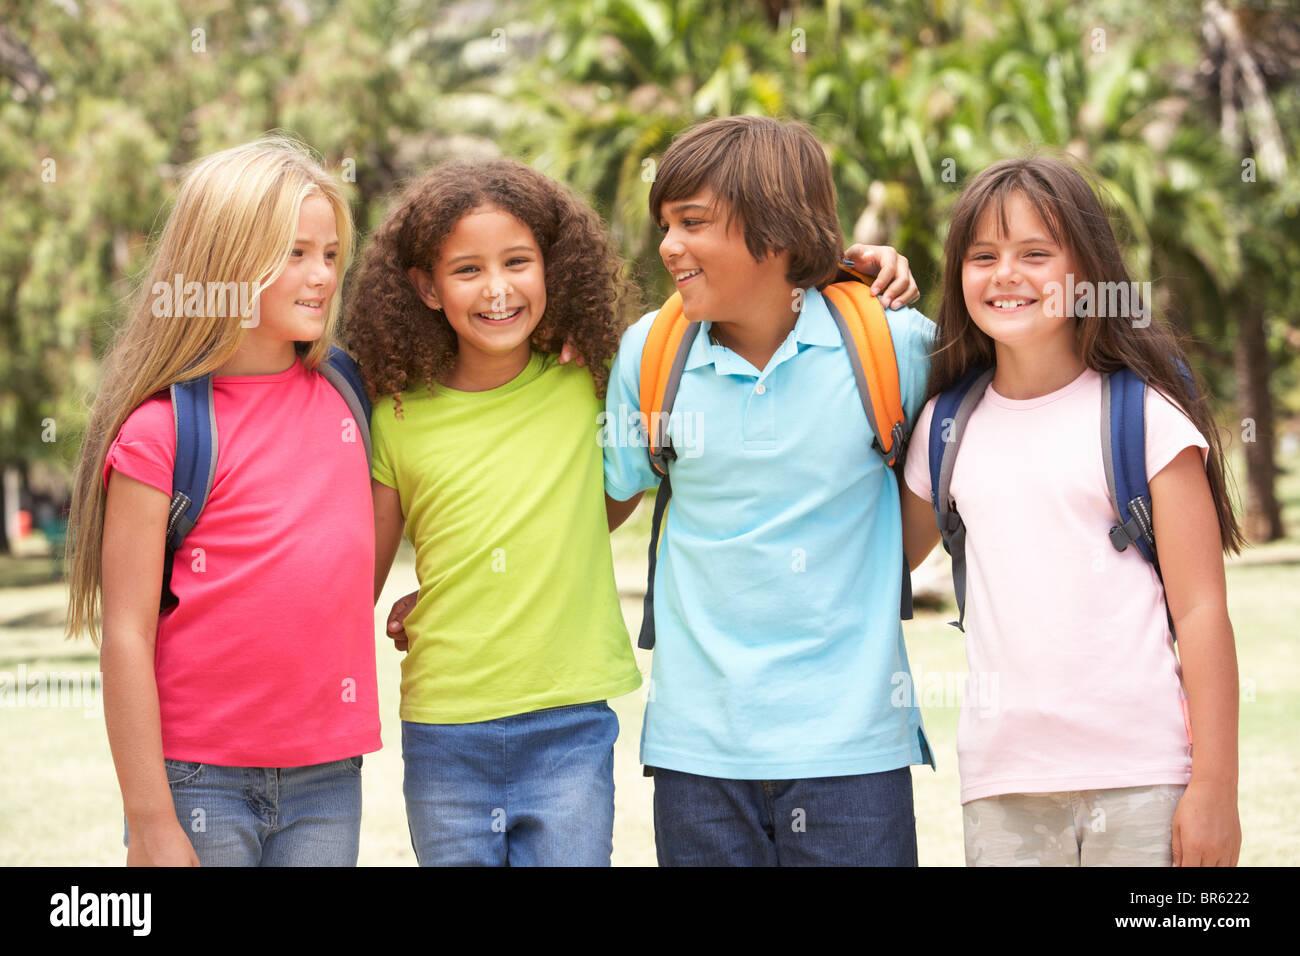 Group Of Schoolchildren Standing In Park - Stock Image